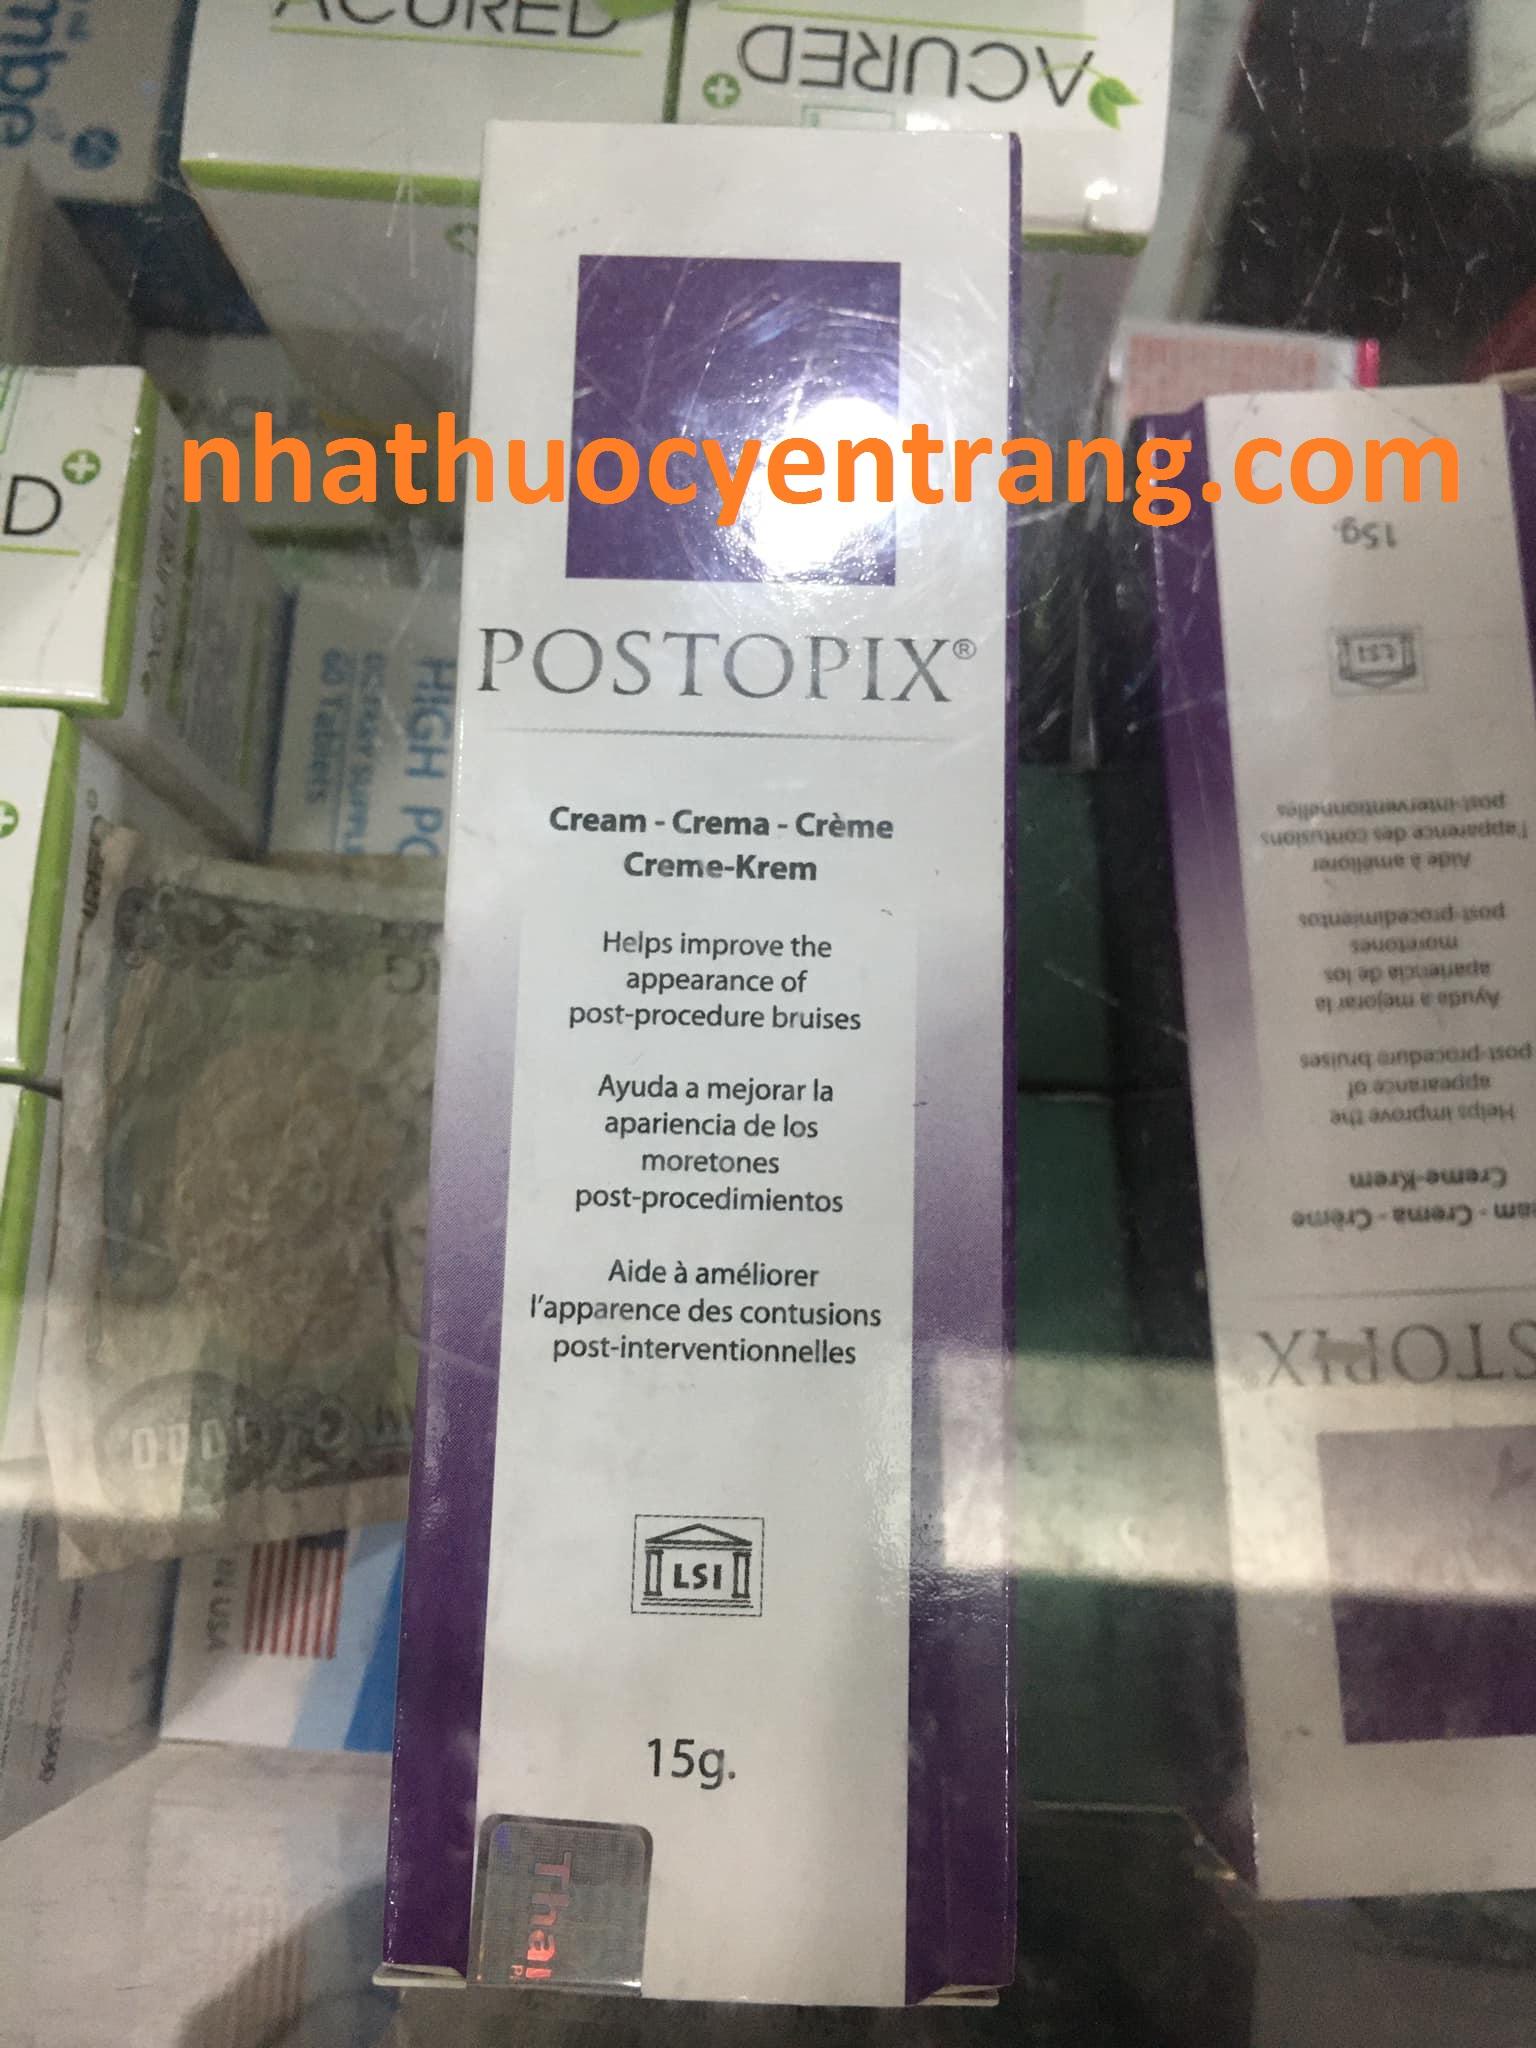 Postopix cream